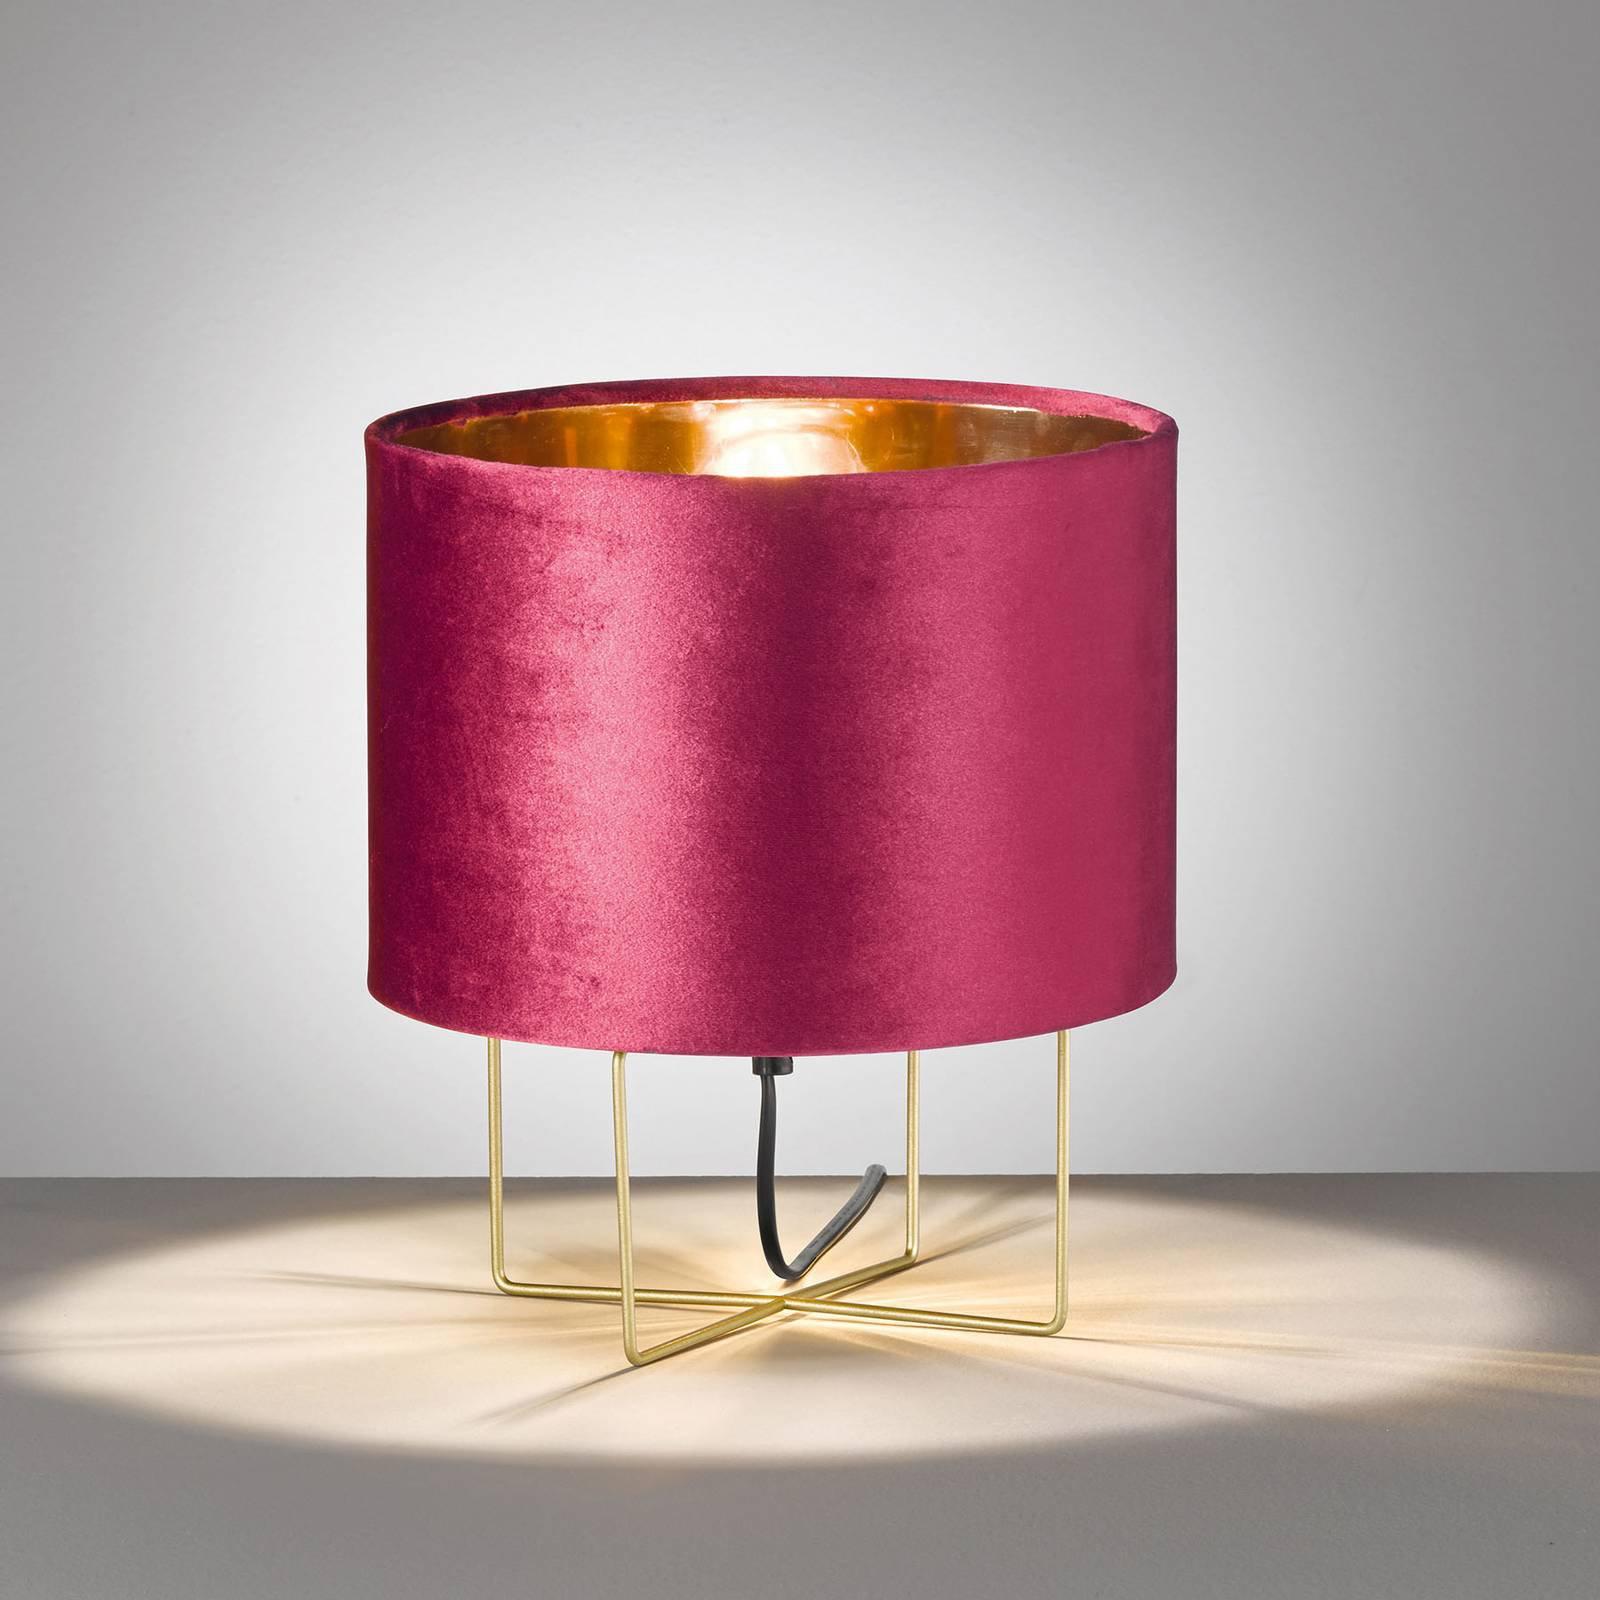 Bordlampe Aura, fløyelsskjerm, høyde 32 cm, rød